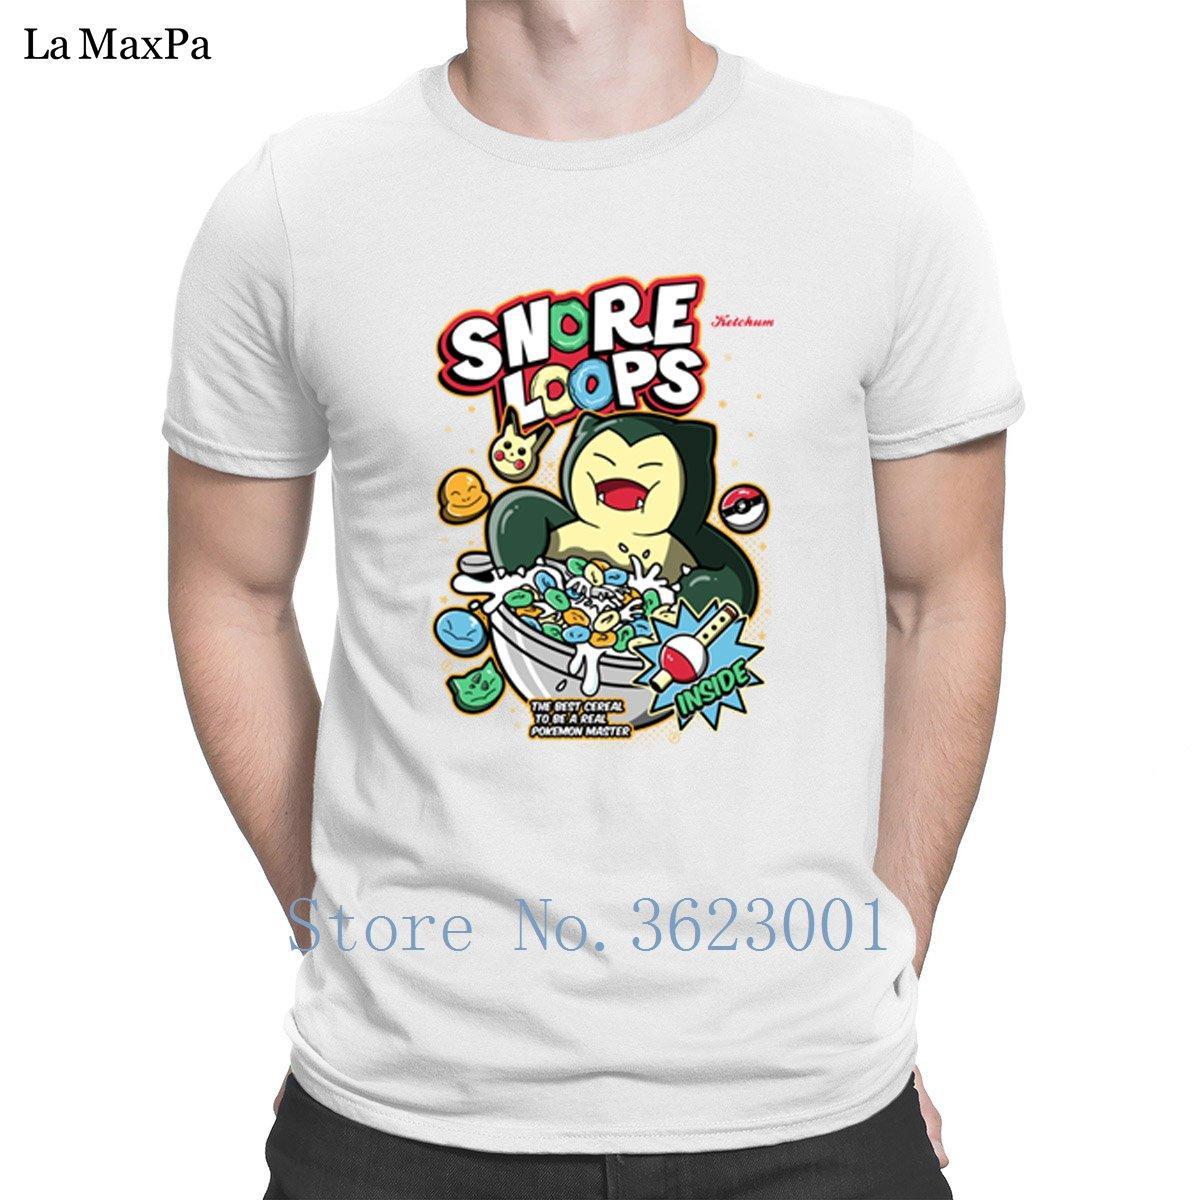 Персонализированные Letters Man Храп Loops Футболки для мужчин Slim Fit Дешевые T Shirt Basic Solid Размер S-3XL комичного